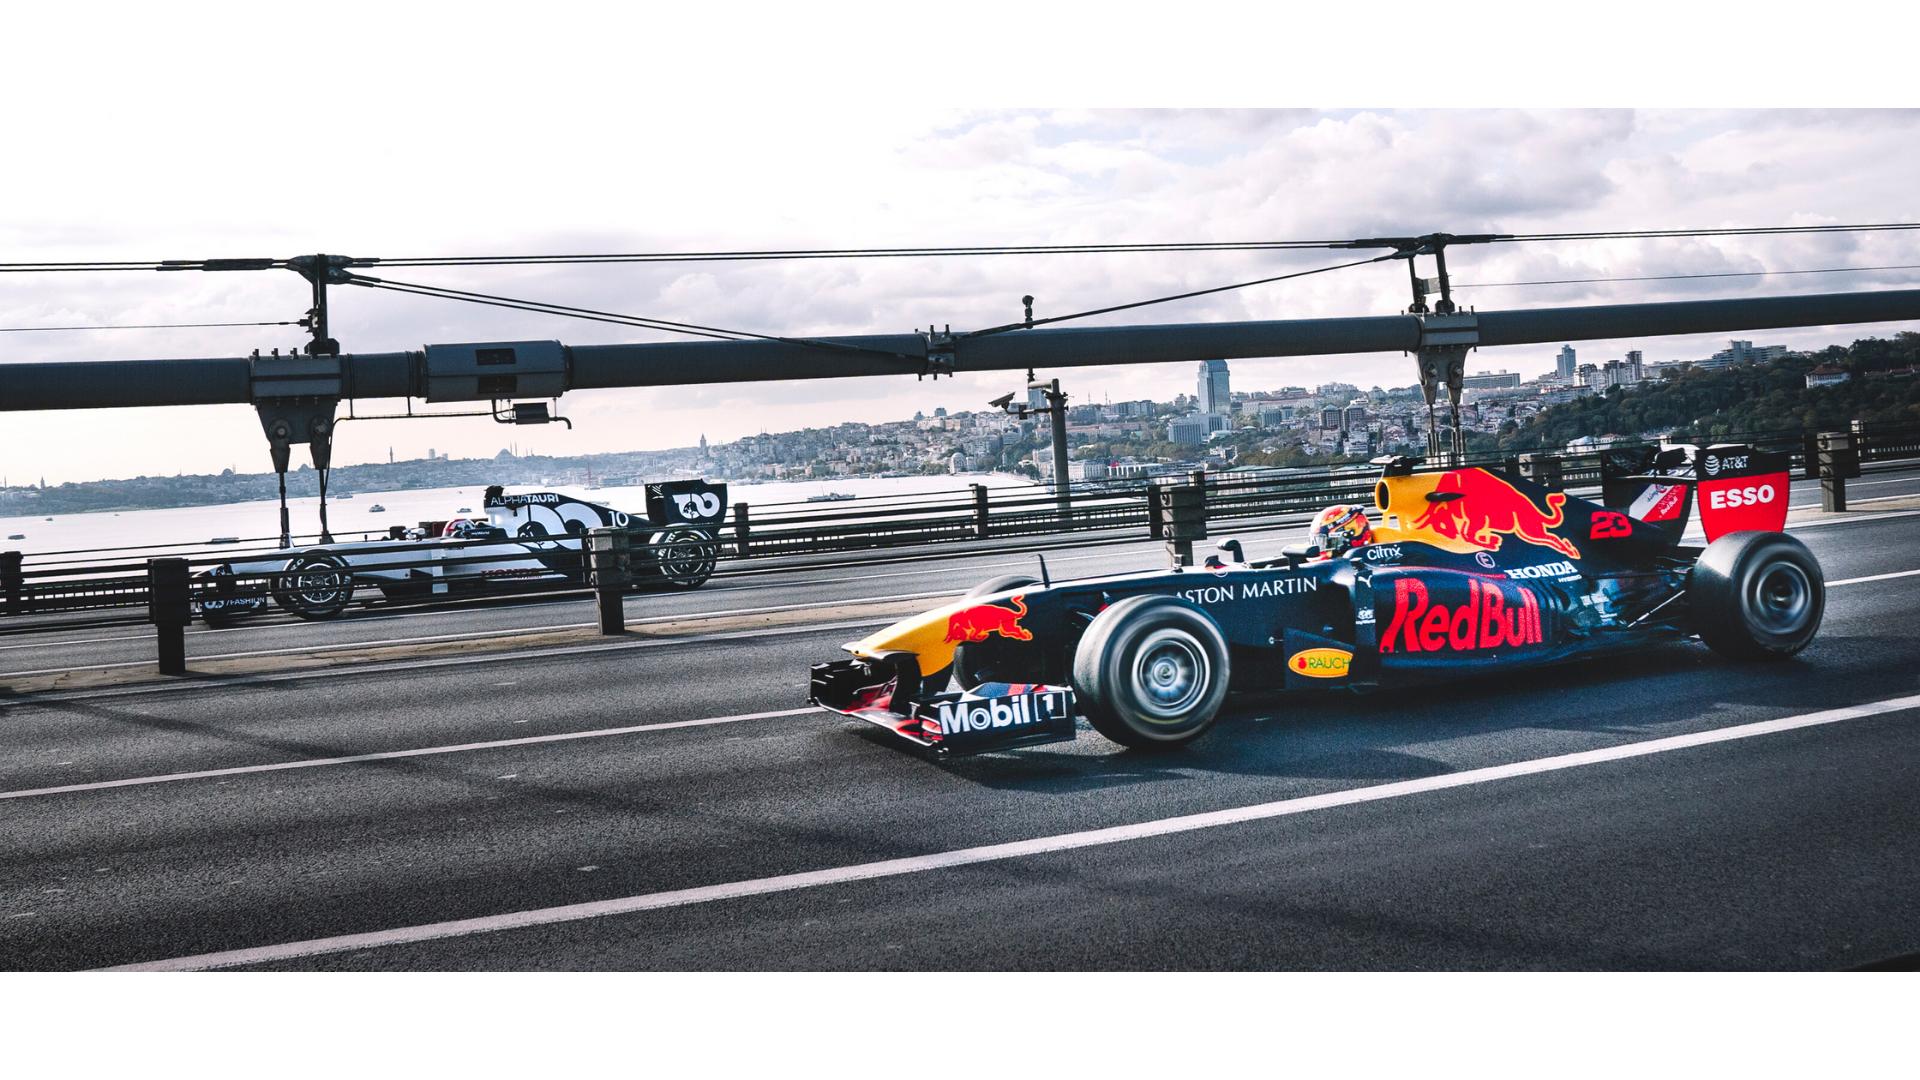 istanbul çekilen formula 1 arabalarına ait bir görsel.